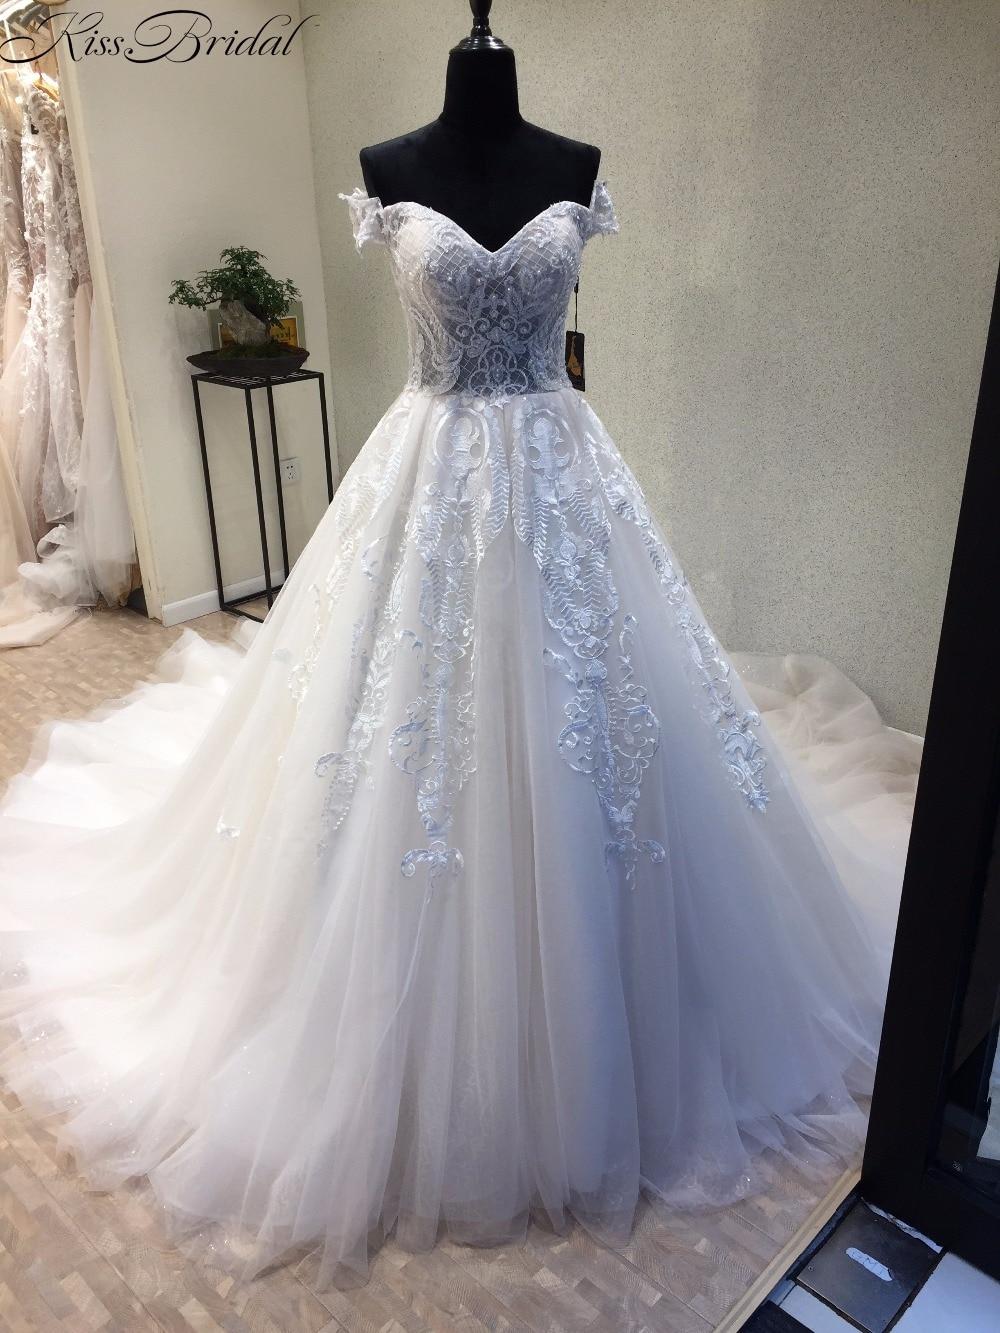 สีขาววินเทจชุดแต่งงาน 2017 - ชุดแต่งงาน